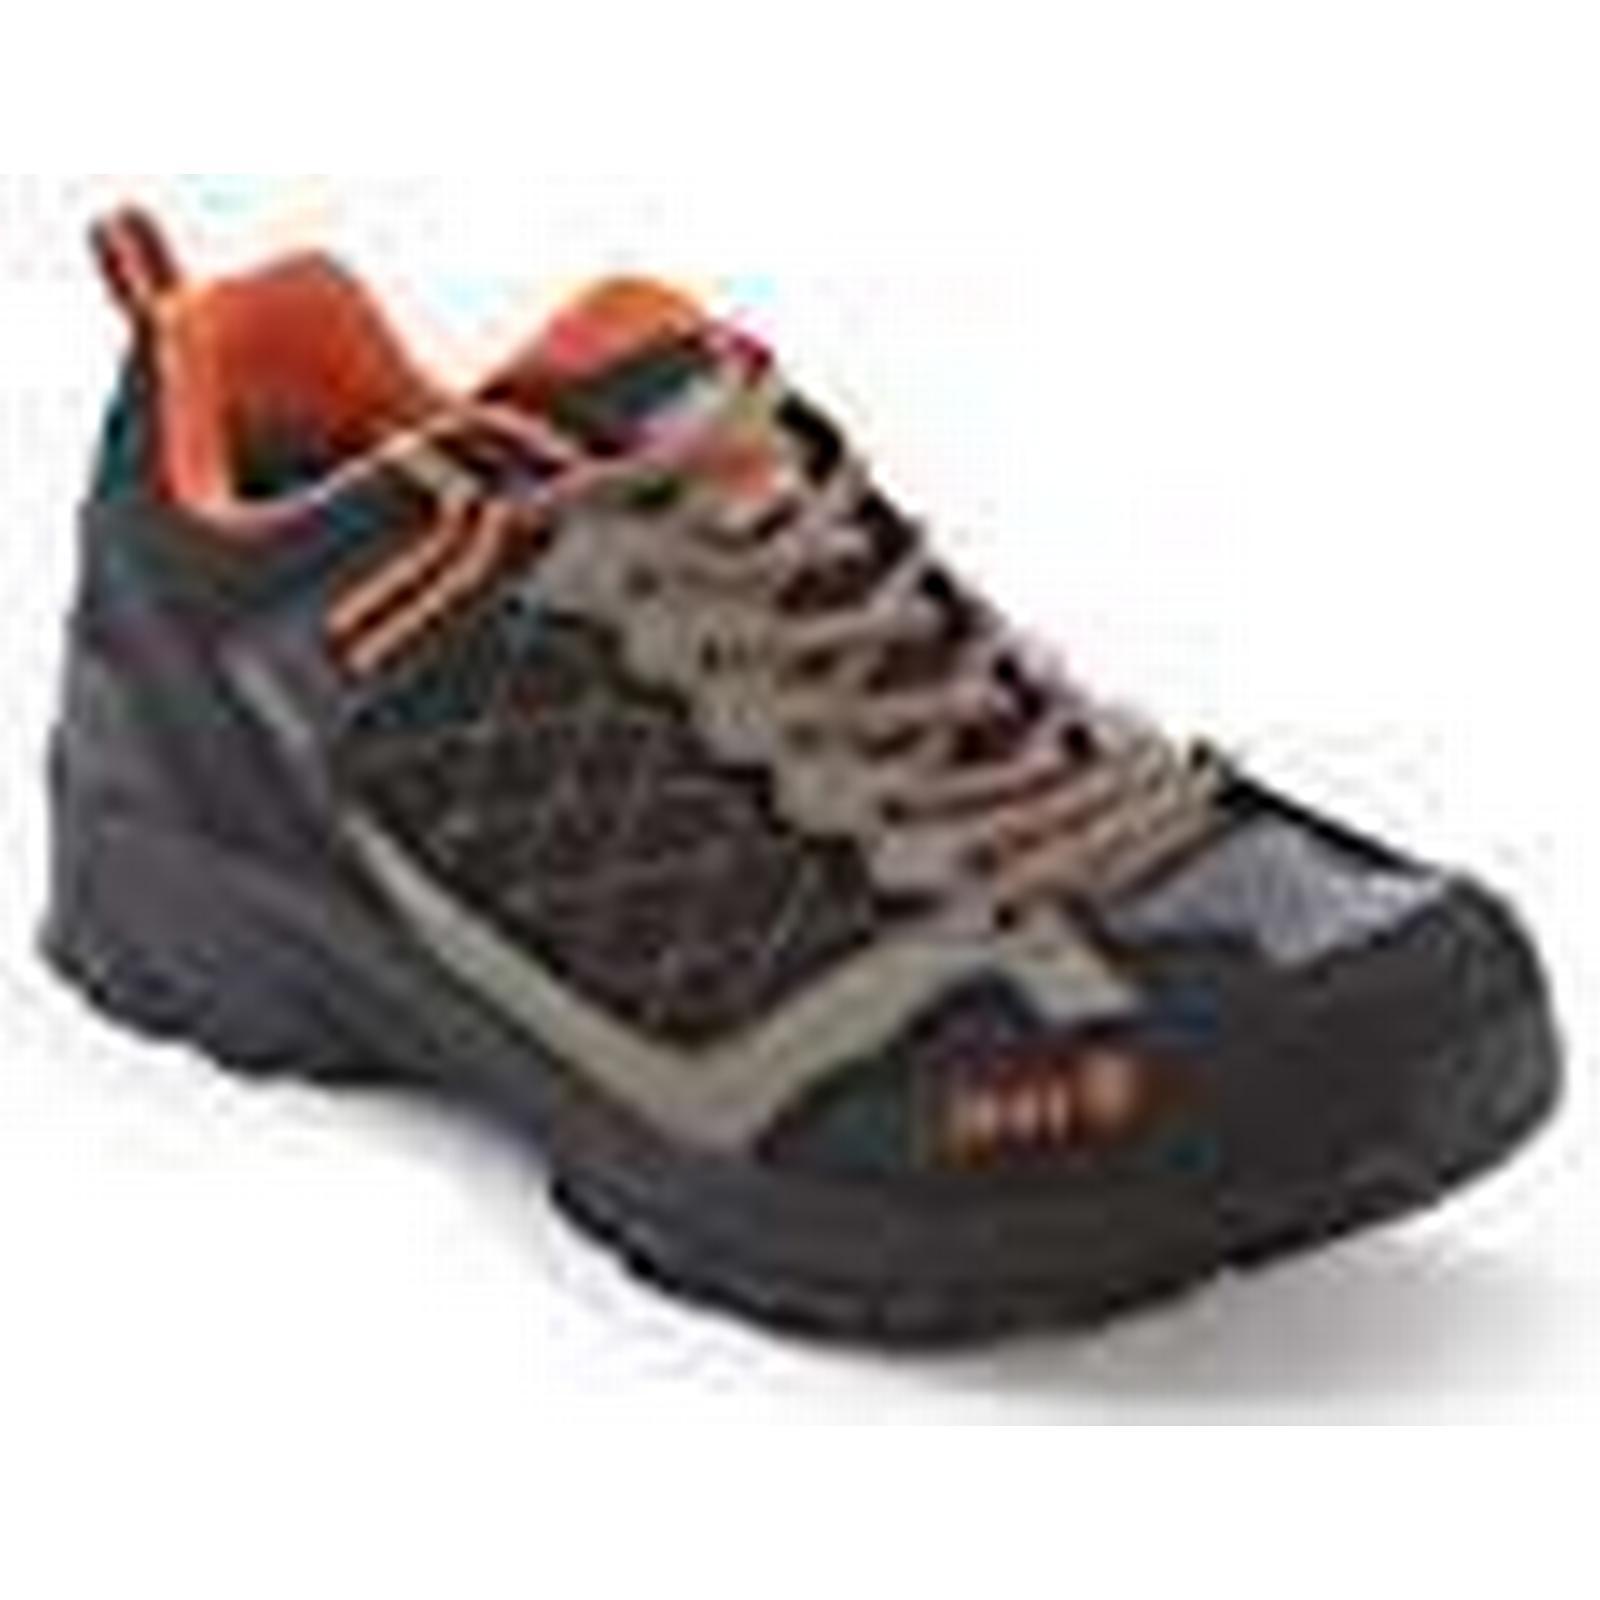 Izas Men's Nilsen Outdoor Shoes, 46 Black/Orange, Size 46 Shoes, d21910